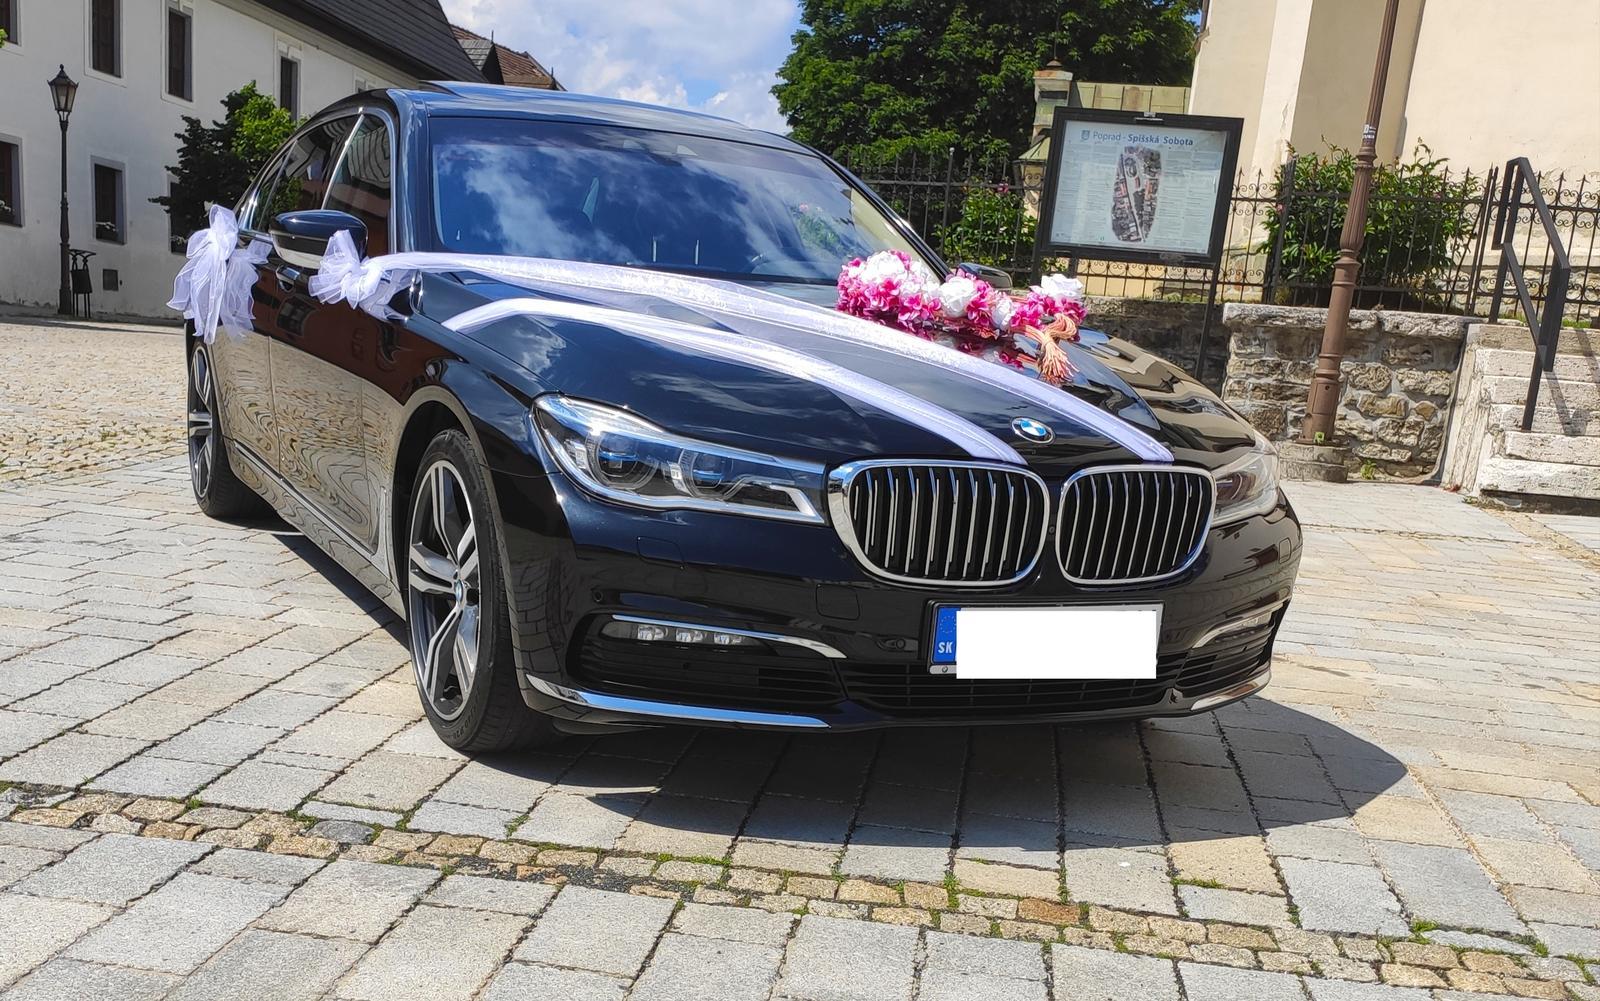 Svadobné auto BMW 730ld xdrive - Obrázok č. 1